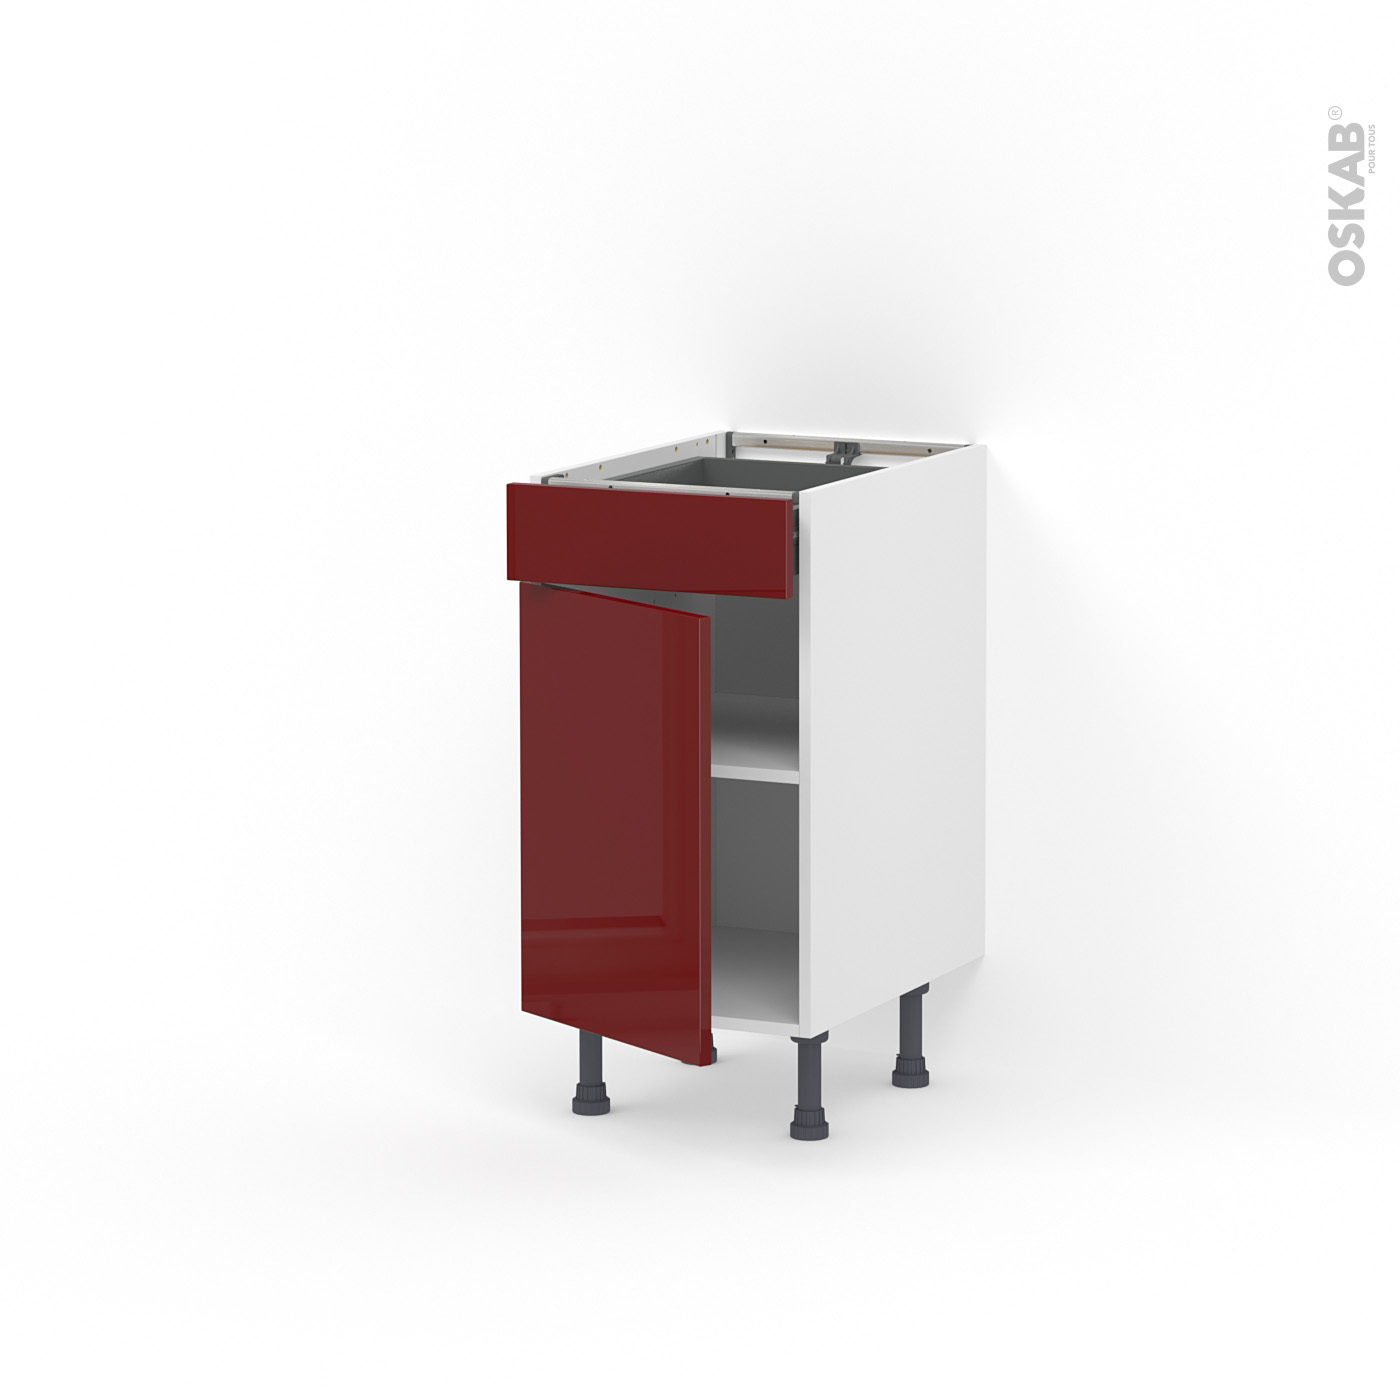 Meuble de cuisine Bas IVIA Rouge, 1111 porte 1111 tiroir , L11 x H11 x P11 cm